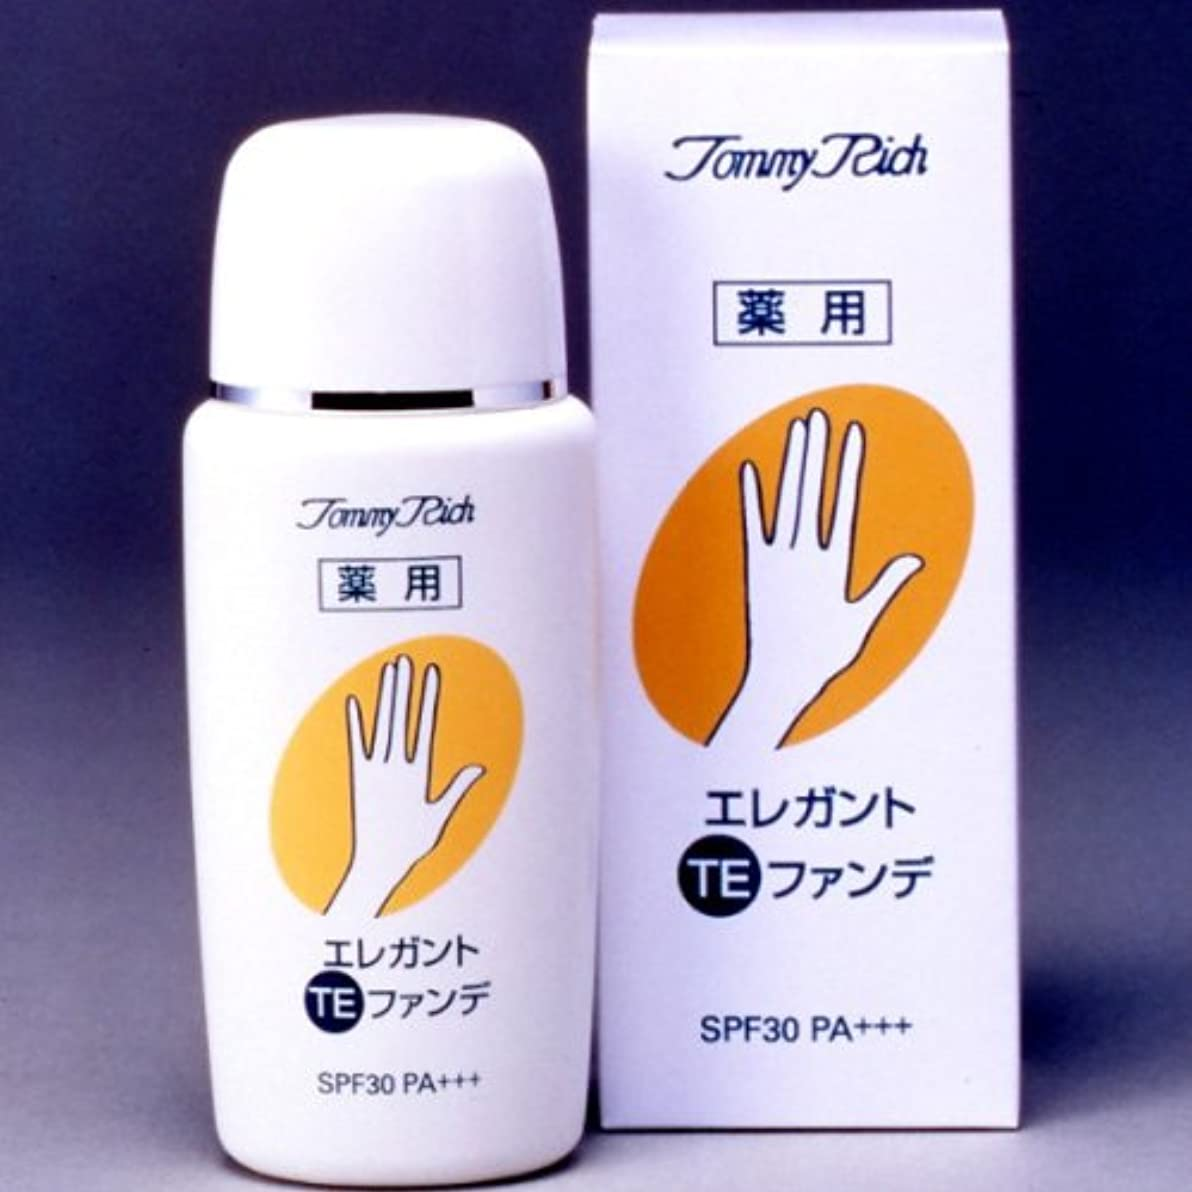 シェアルート政治的手や腕のシミや老班をカバーして、白く清潔で美しい手になる!!『薬用エレガントTEファンデ 』